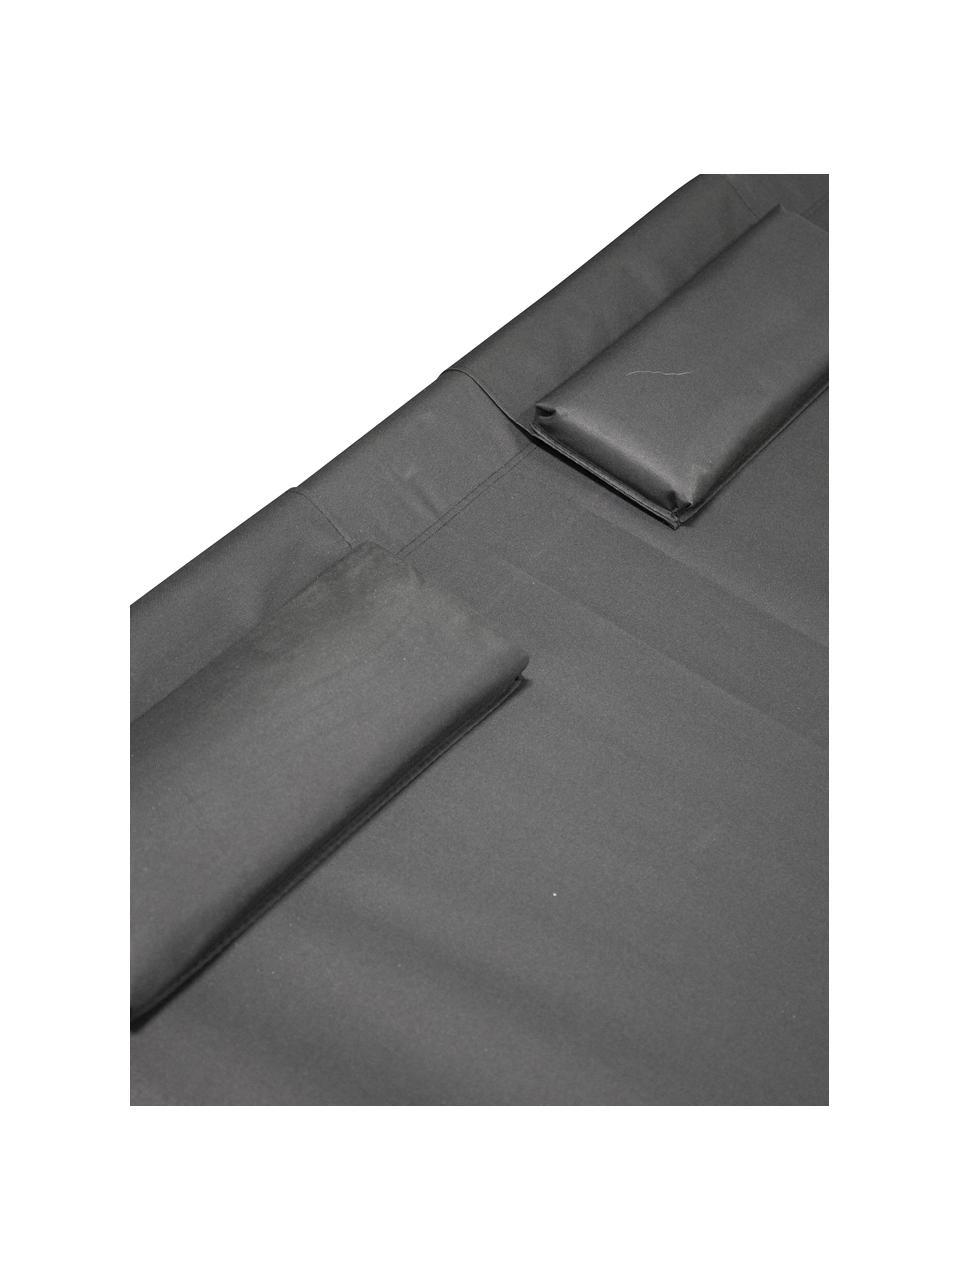 Lettino prendisole Gordo, Struttura: metallo verniciato a polv, Superficie: poliestere, Nero, Lung. 200 x Larg. 180 cm